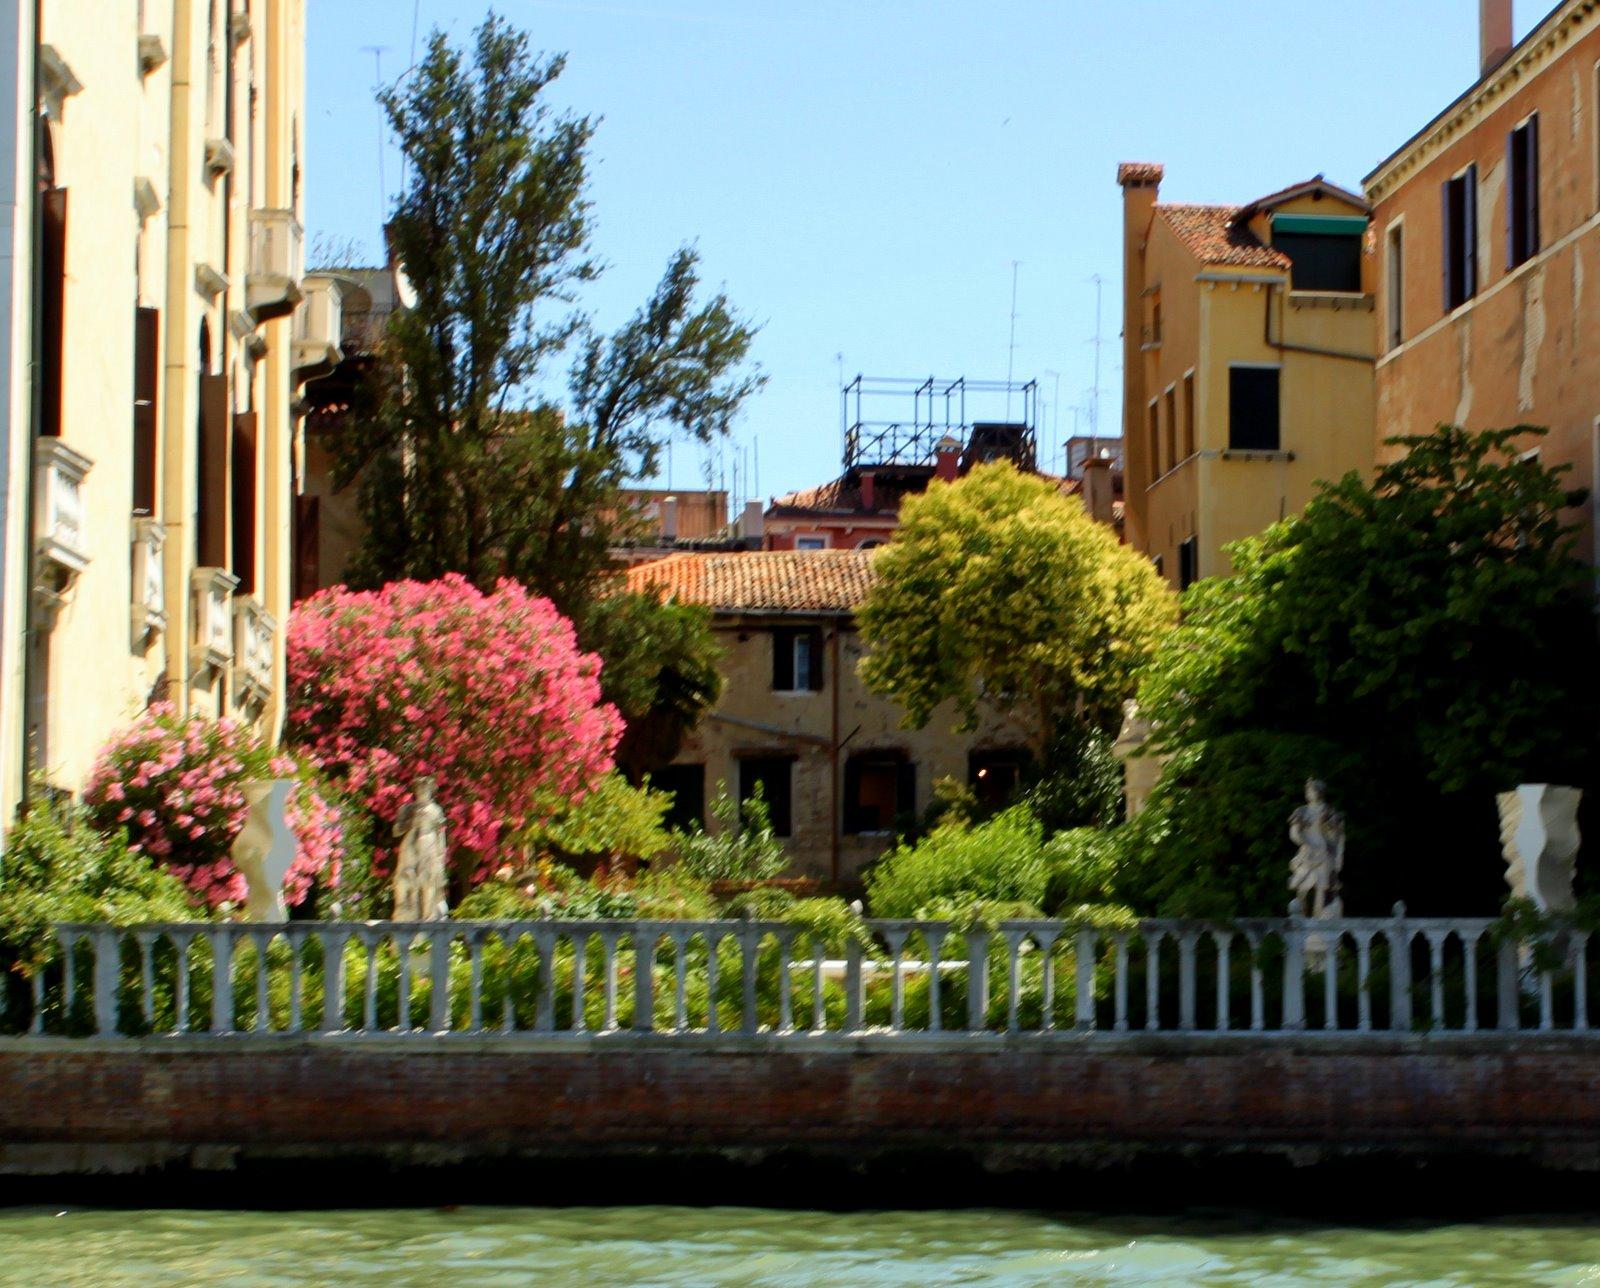 фото, чем остров лидо в венеции фото рекламу звезду